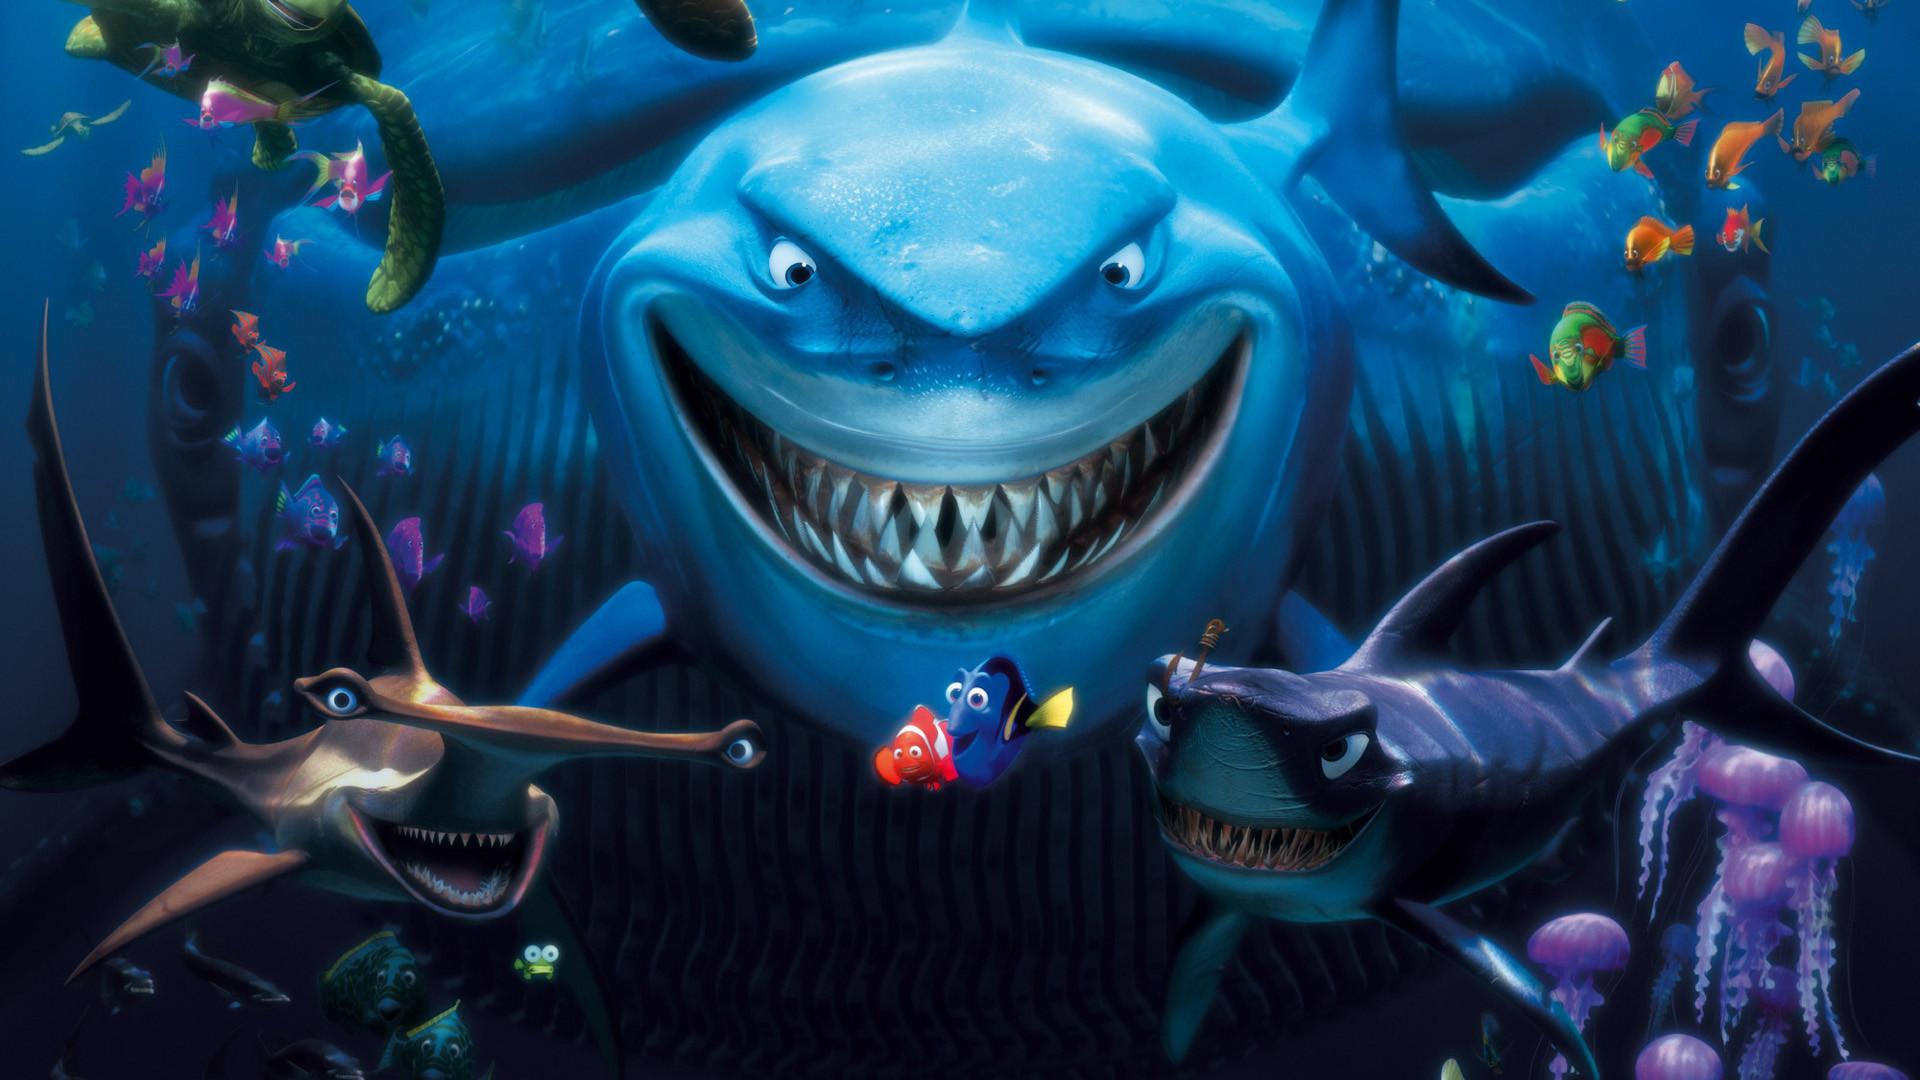 En iyi Pixar filmleri Finding Nemo filmi